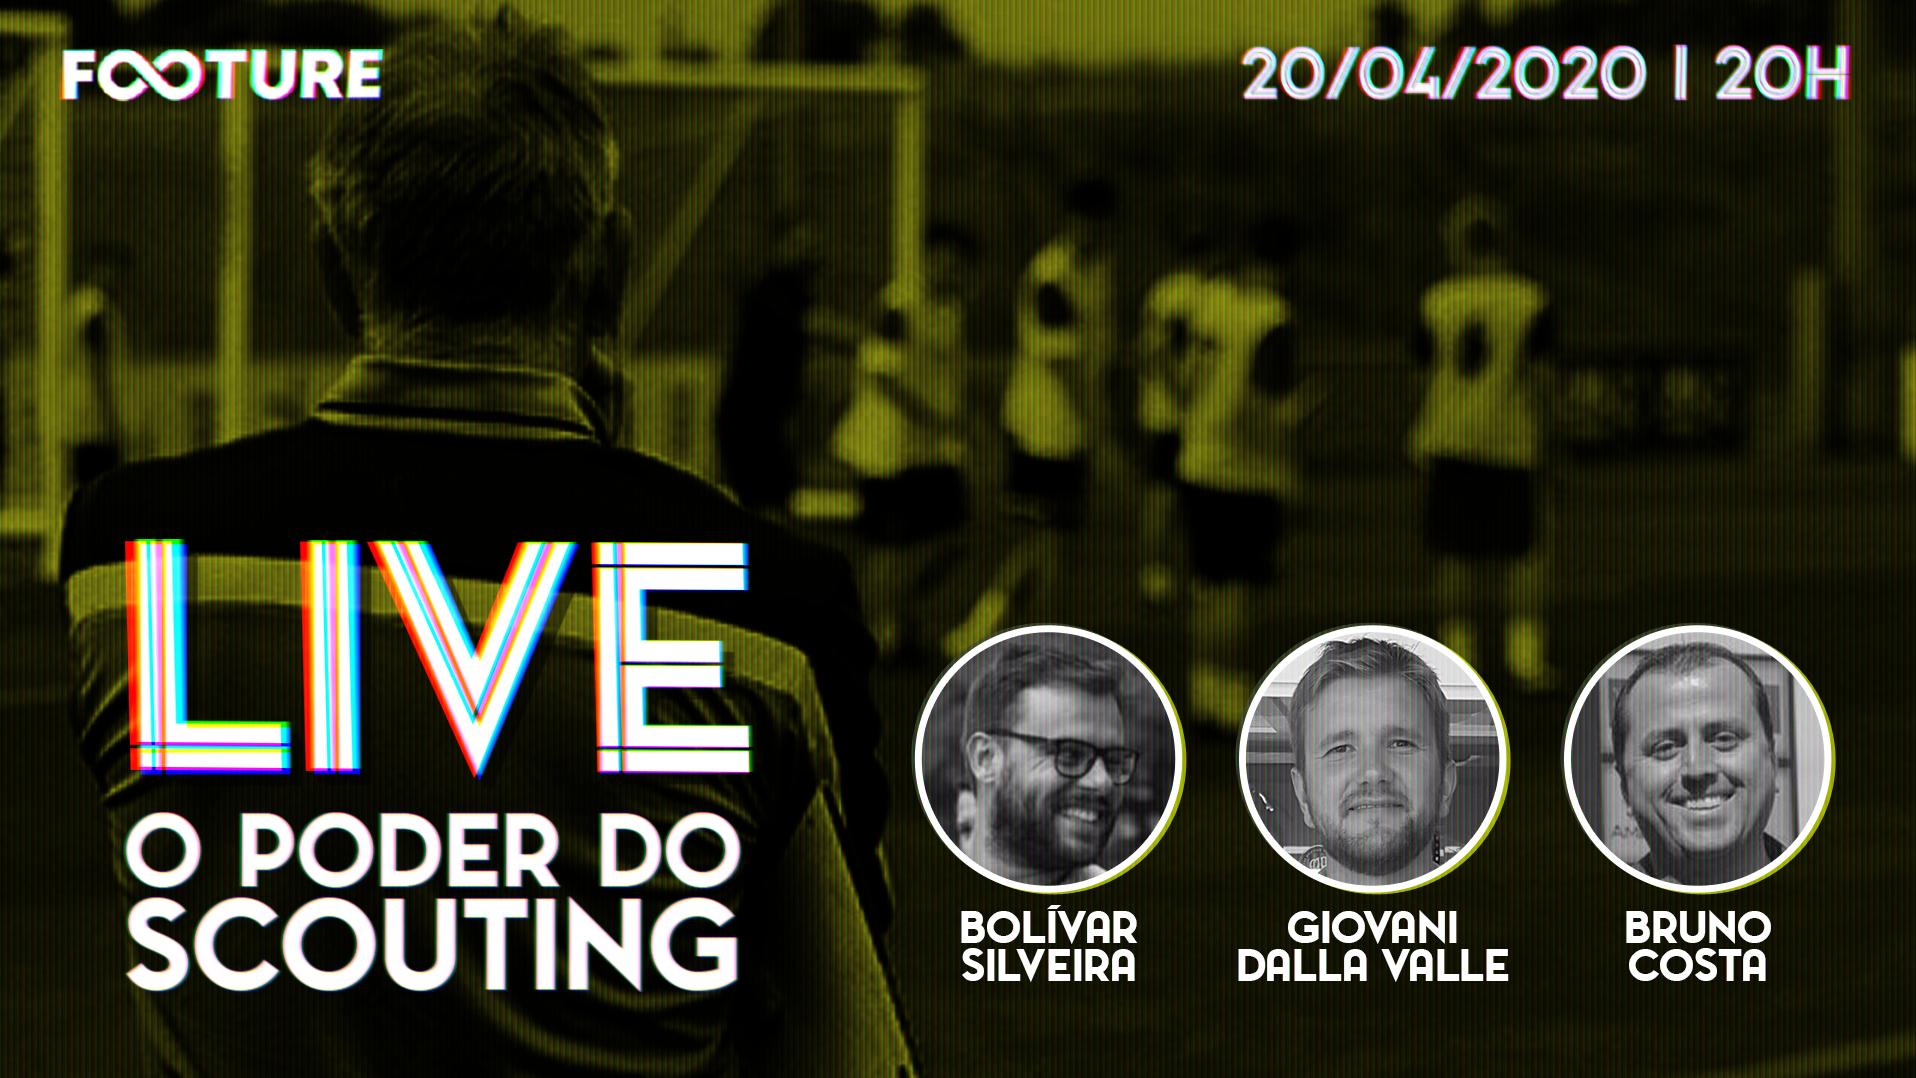 Live Futeboleira #94 | O poder do Scouting no Futebol